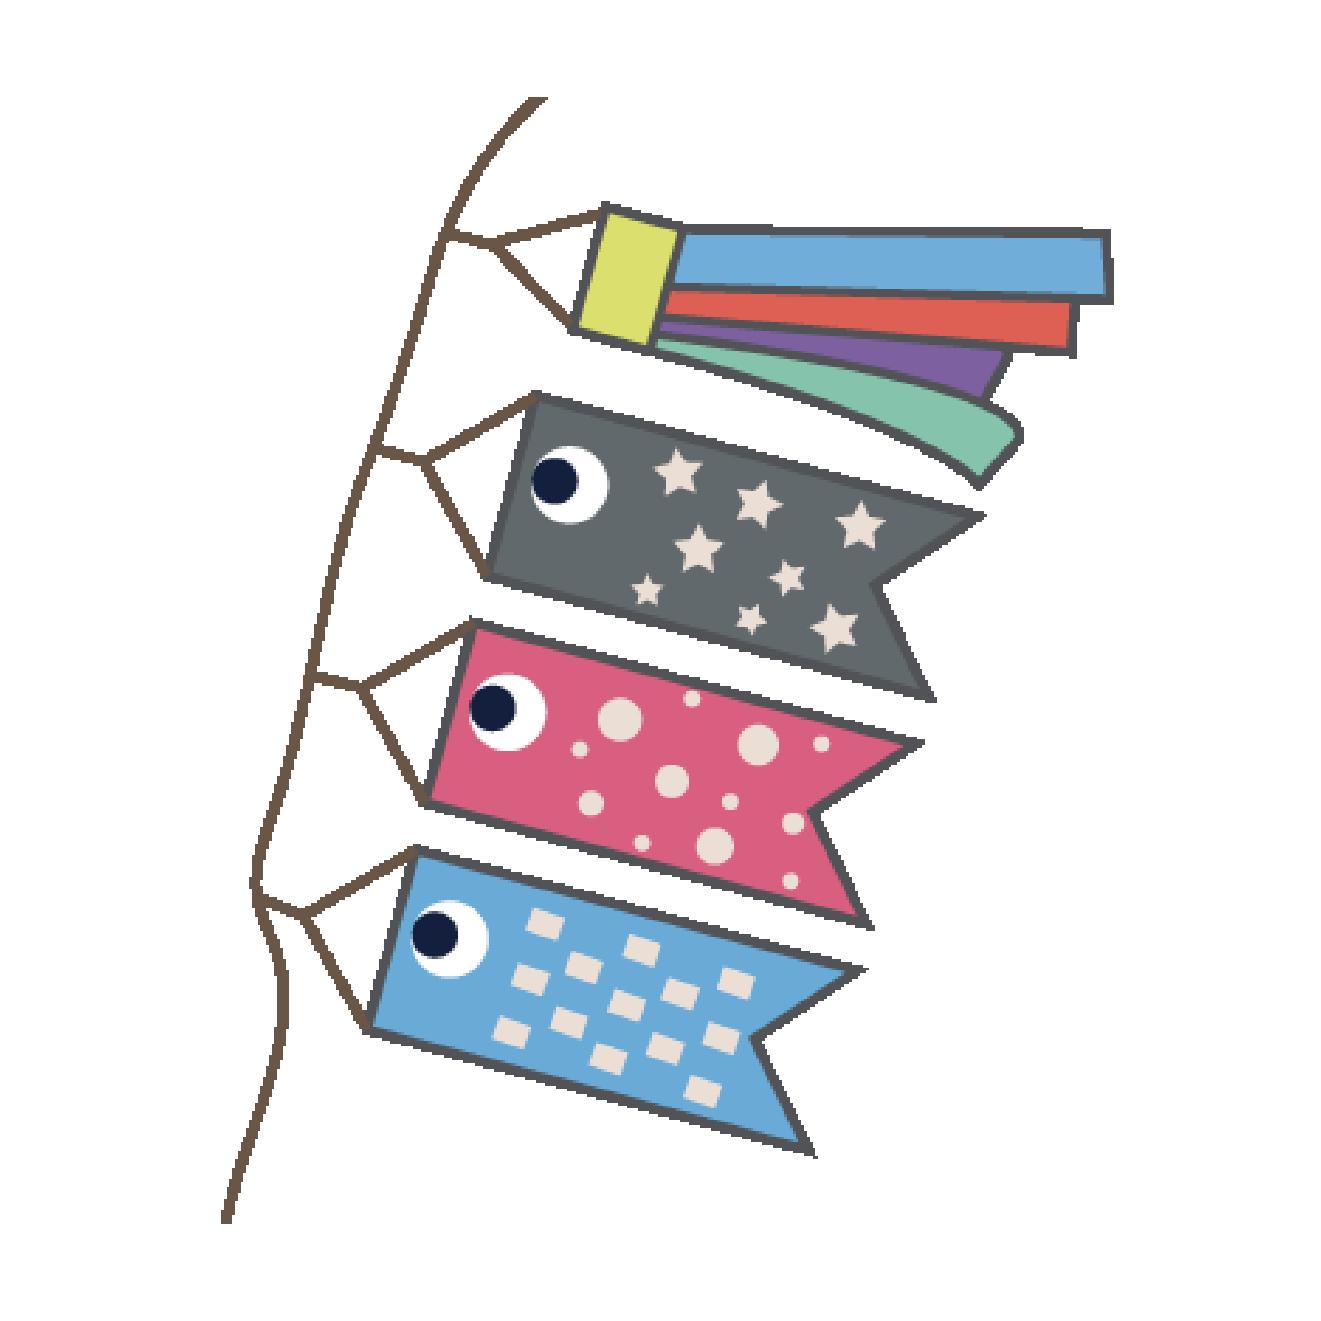 子供こどもの日のイラストpopな鯉のぼりこいのぼり 商用